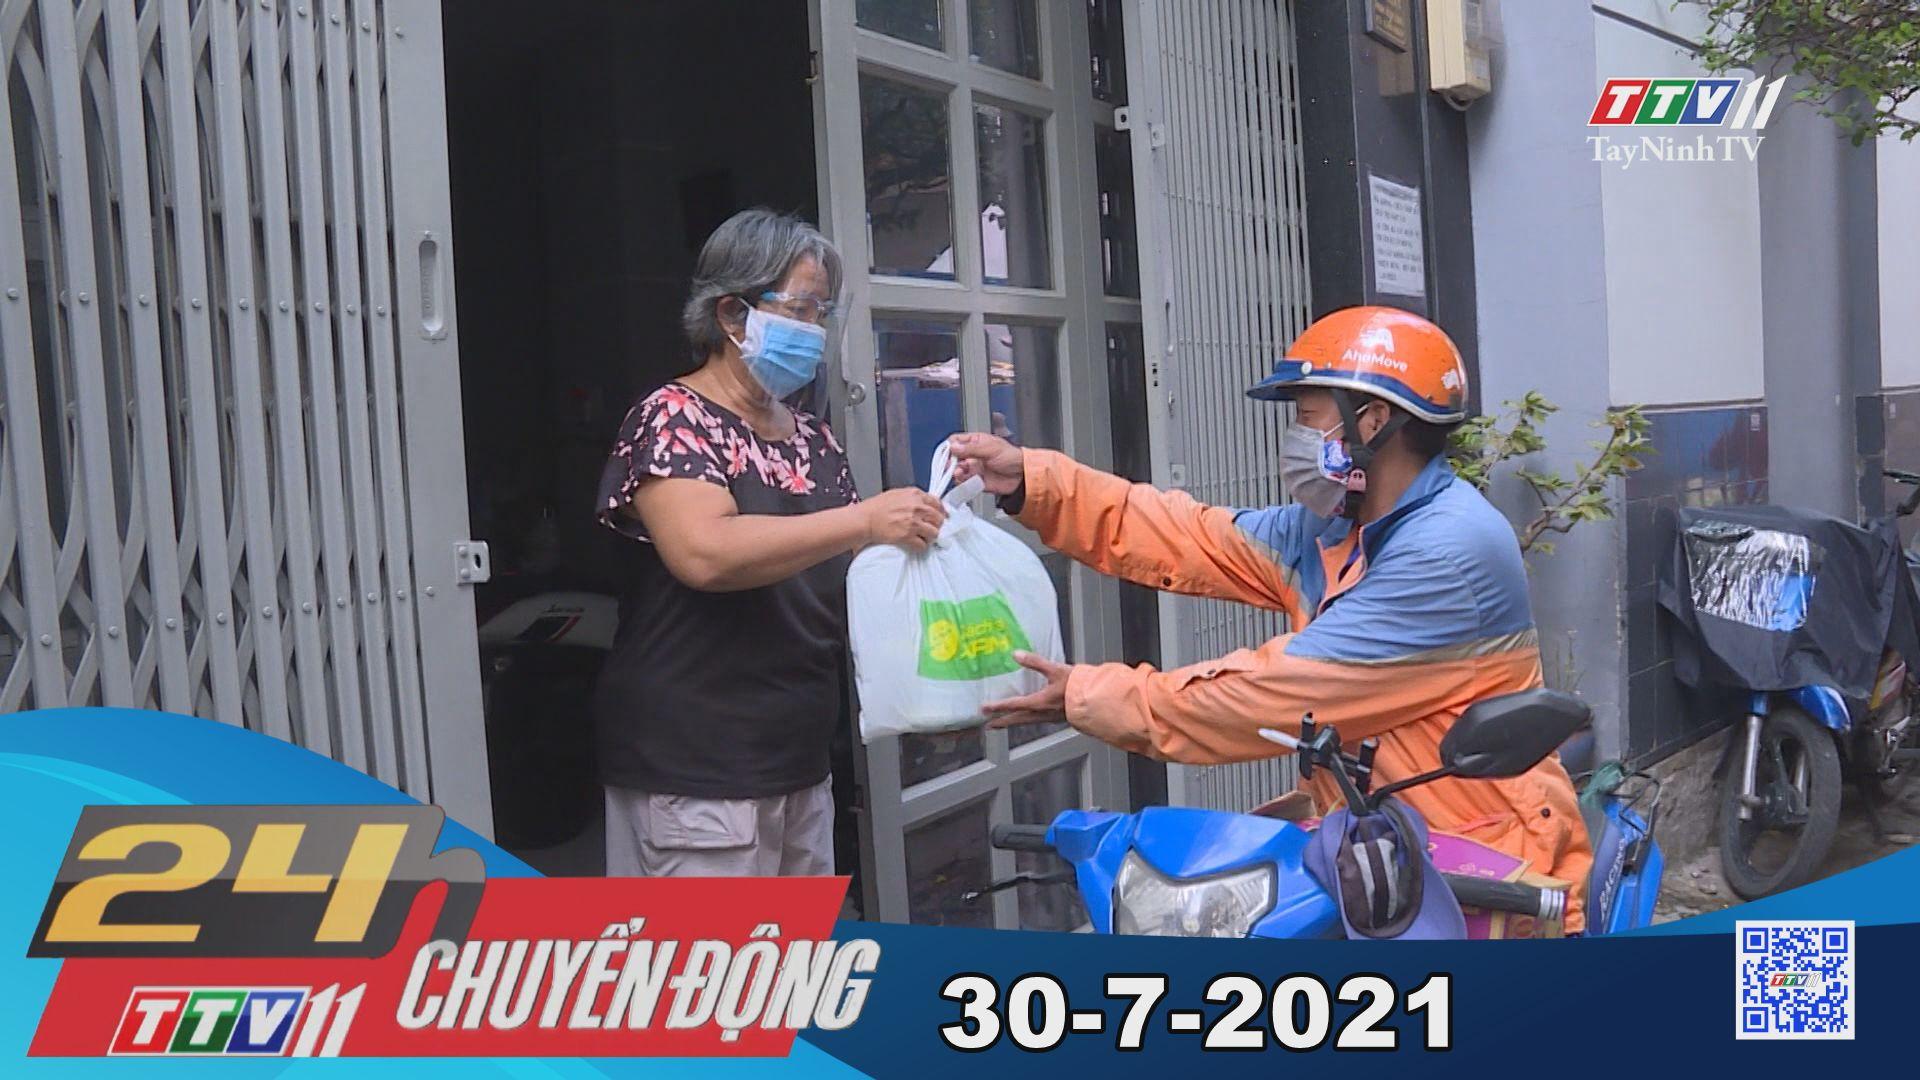 24h Chuyển động 30-7-2021 | Tin tức hôm nay | TayNinhTV